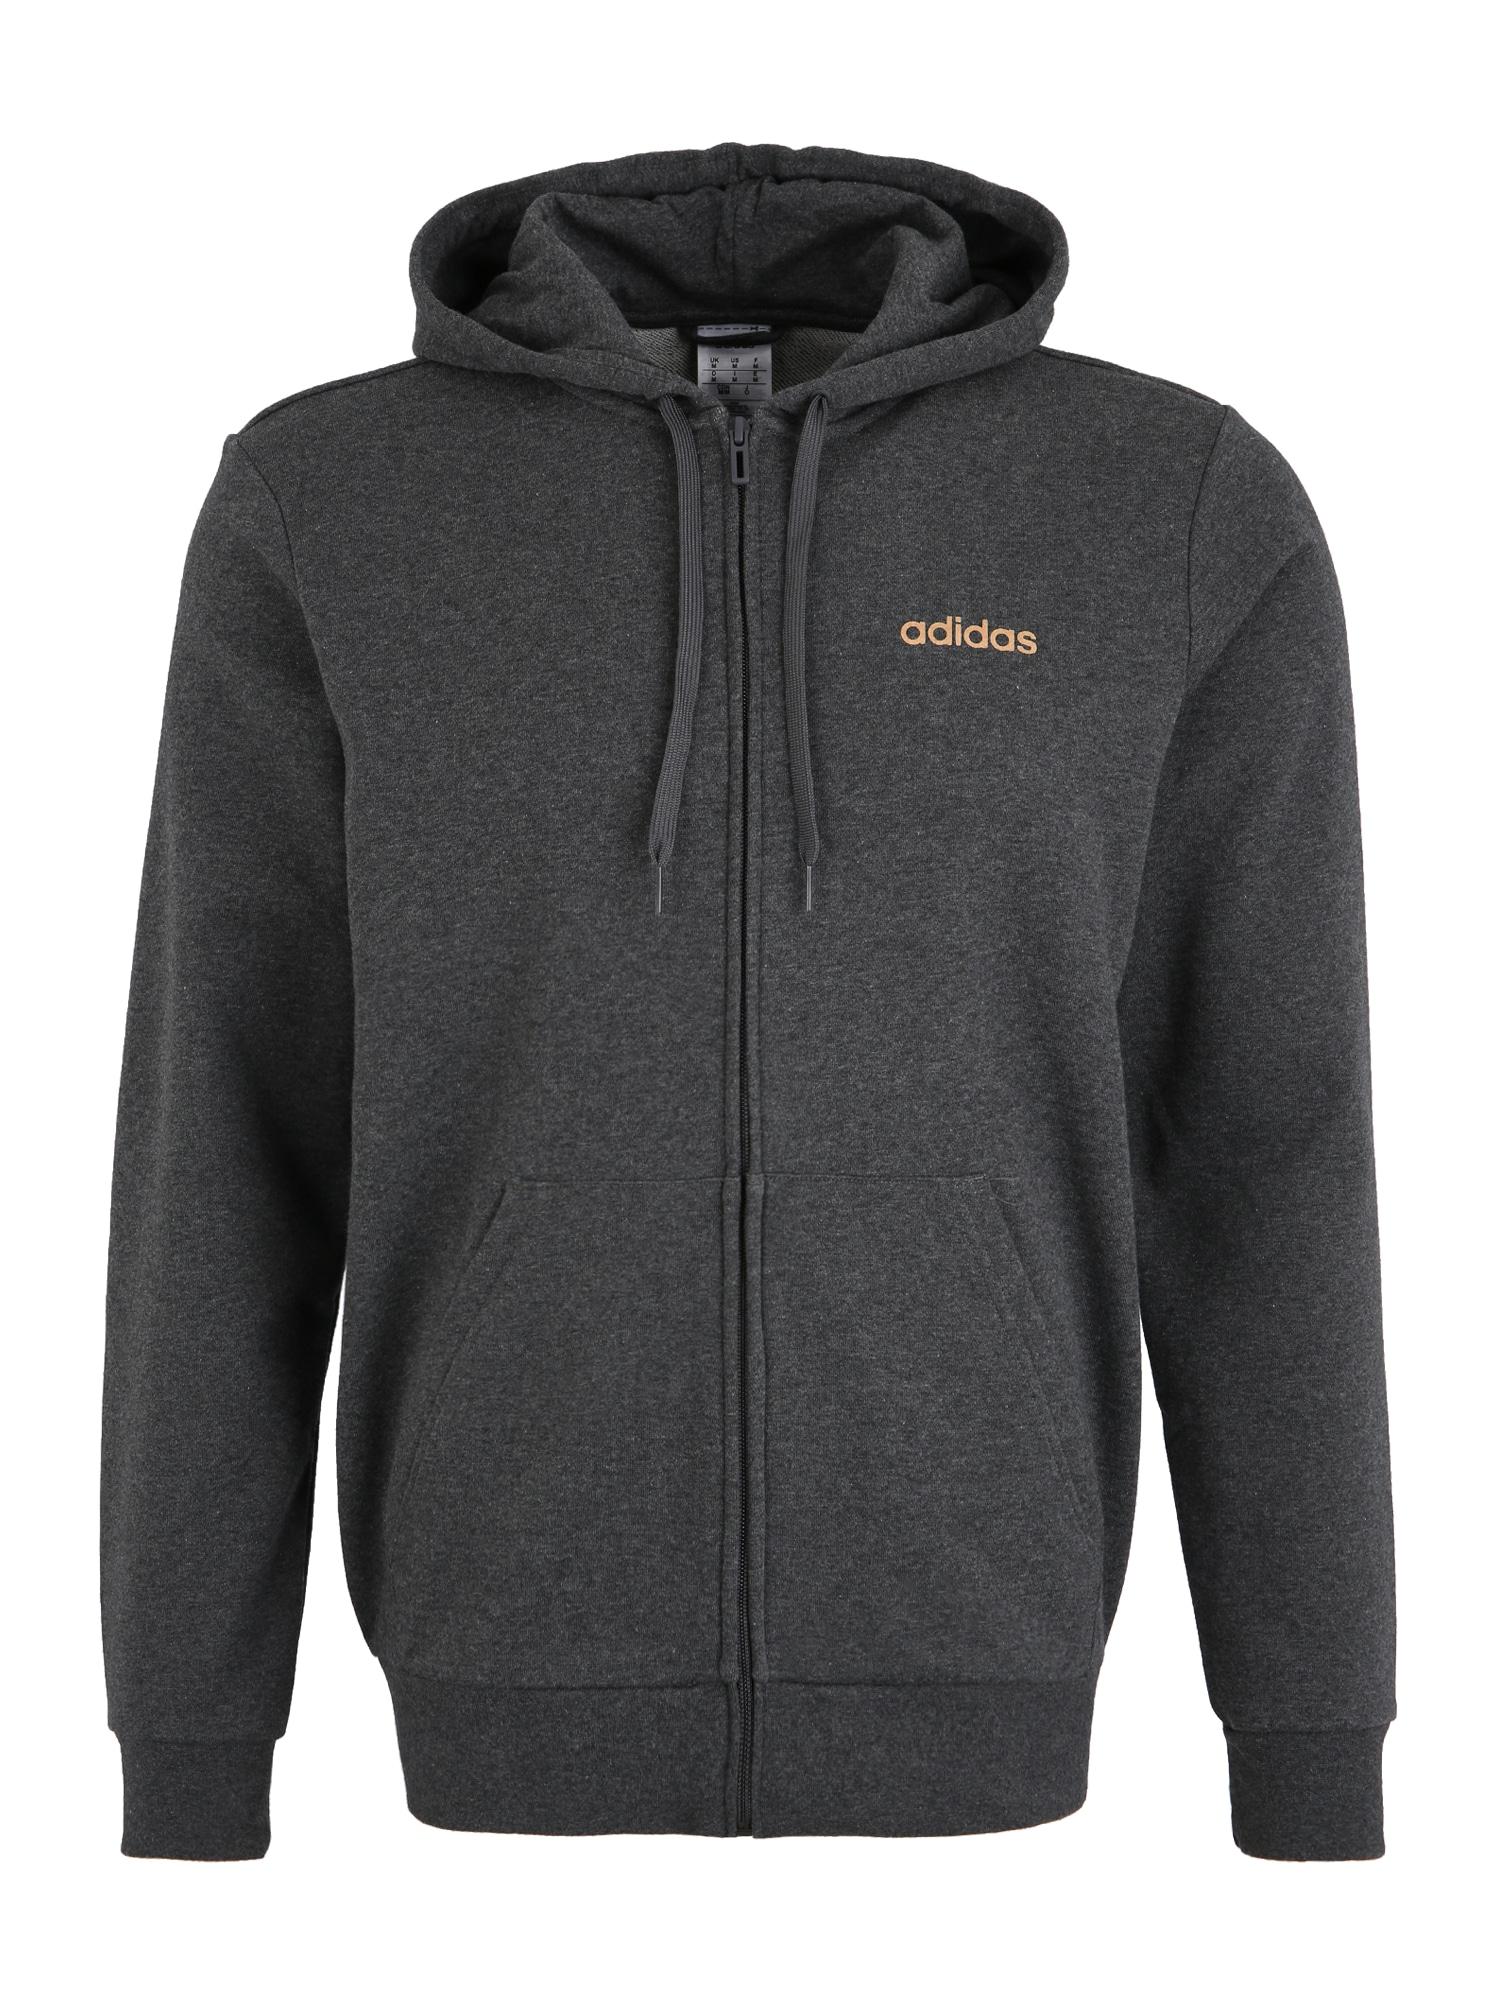 ADIDAS PERFORMANCE Sportinis džemperis tamsiai pilka